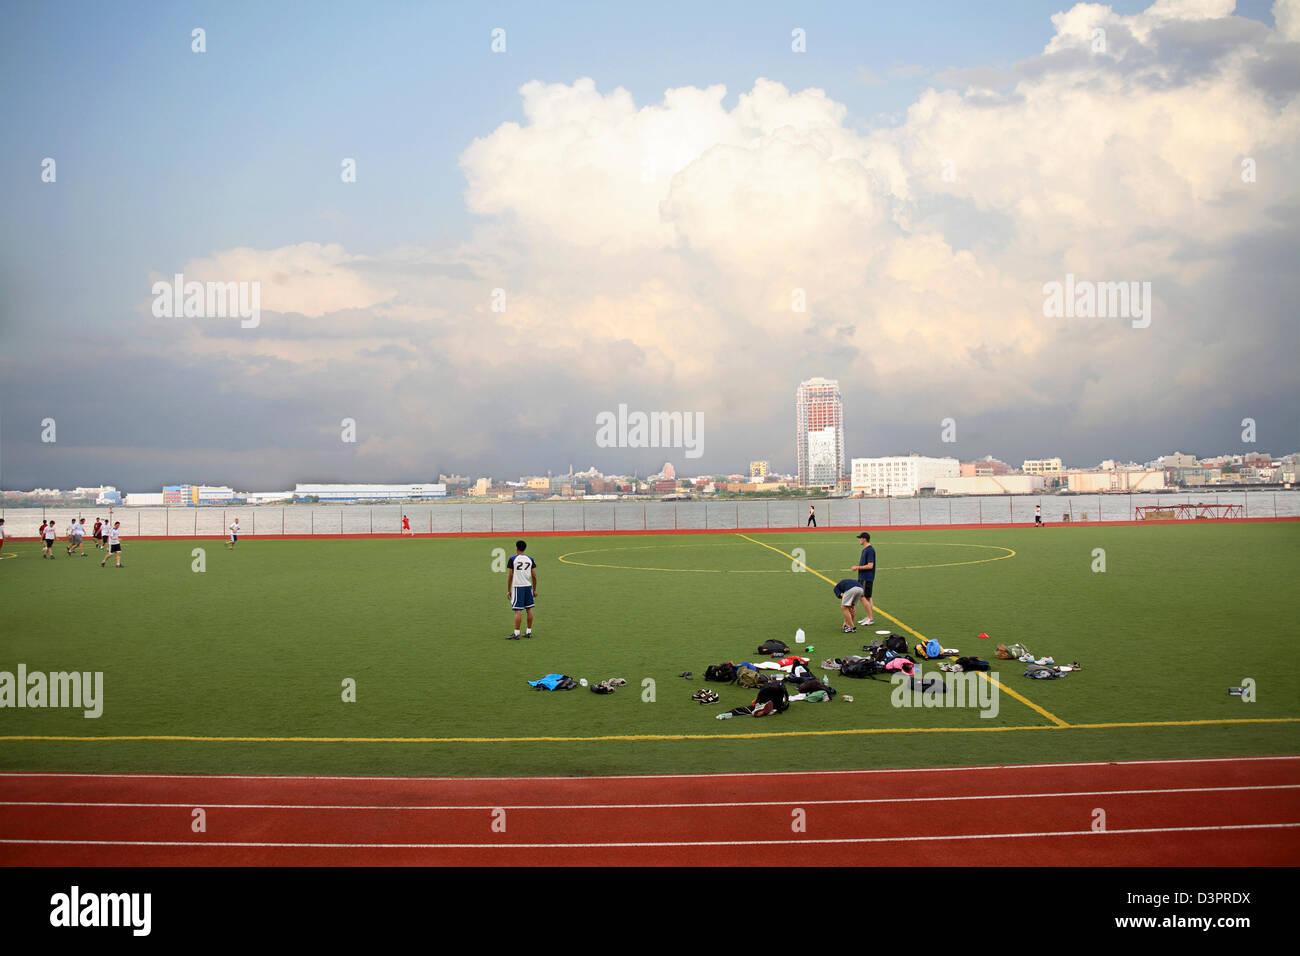 Allenamento di calcio Immagini Stock